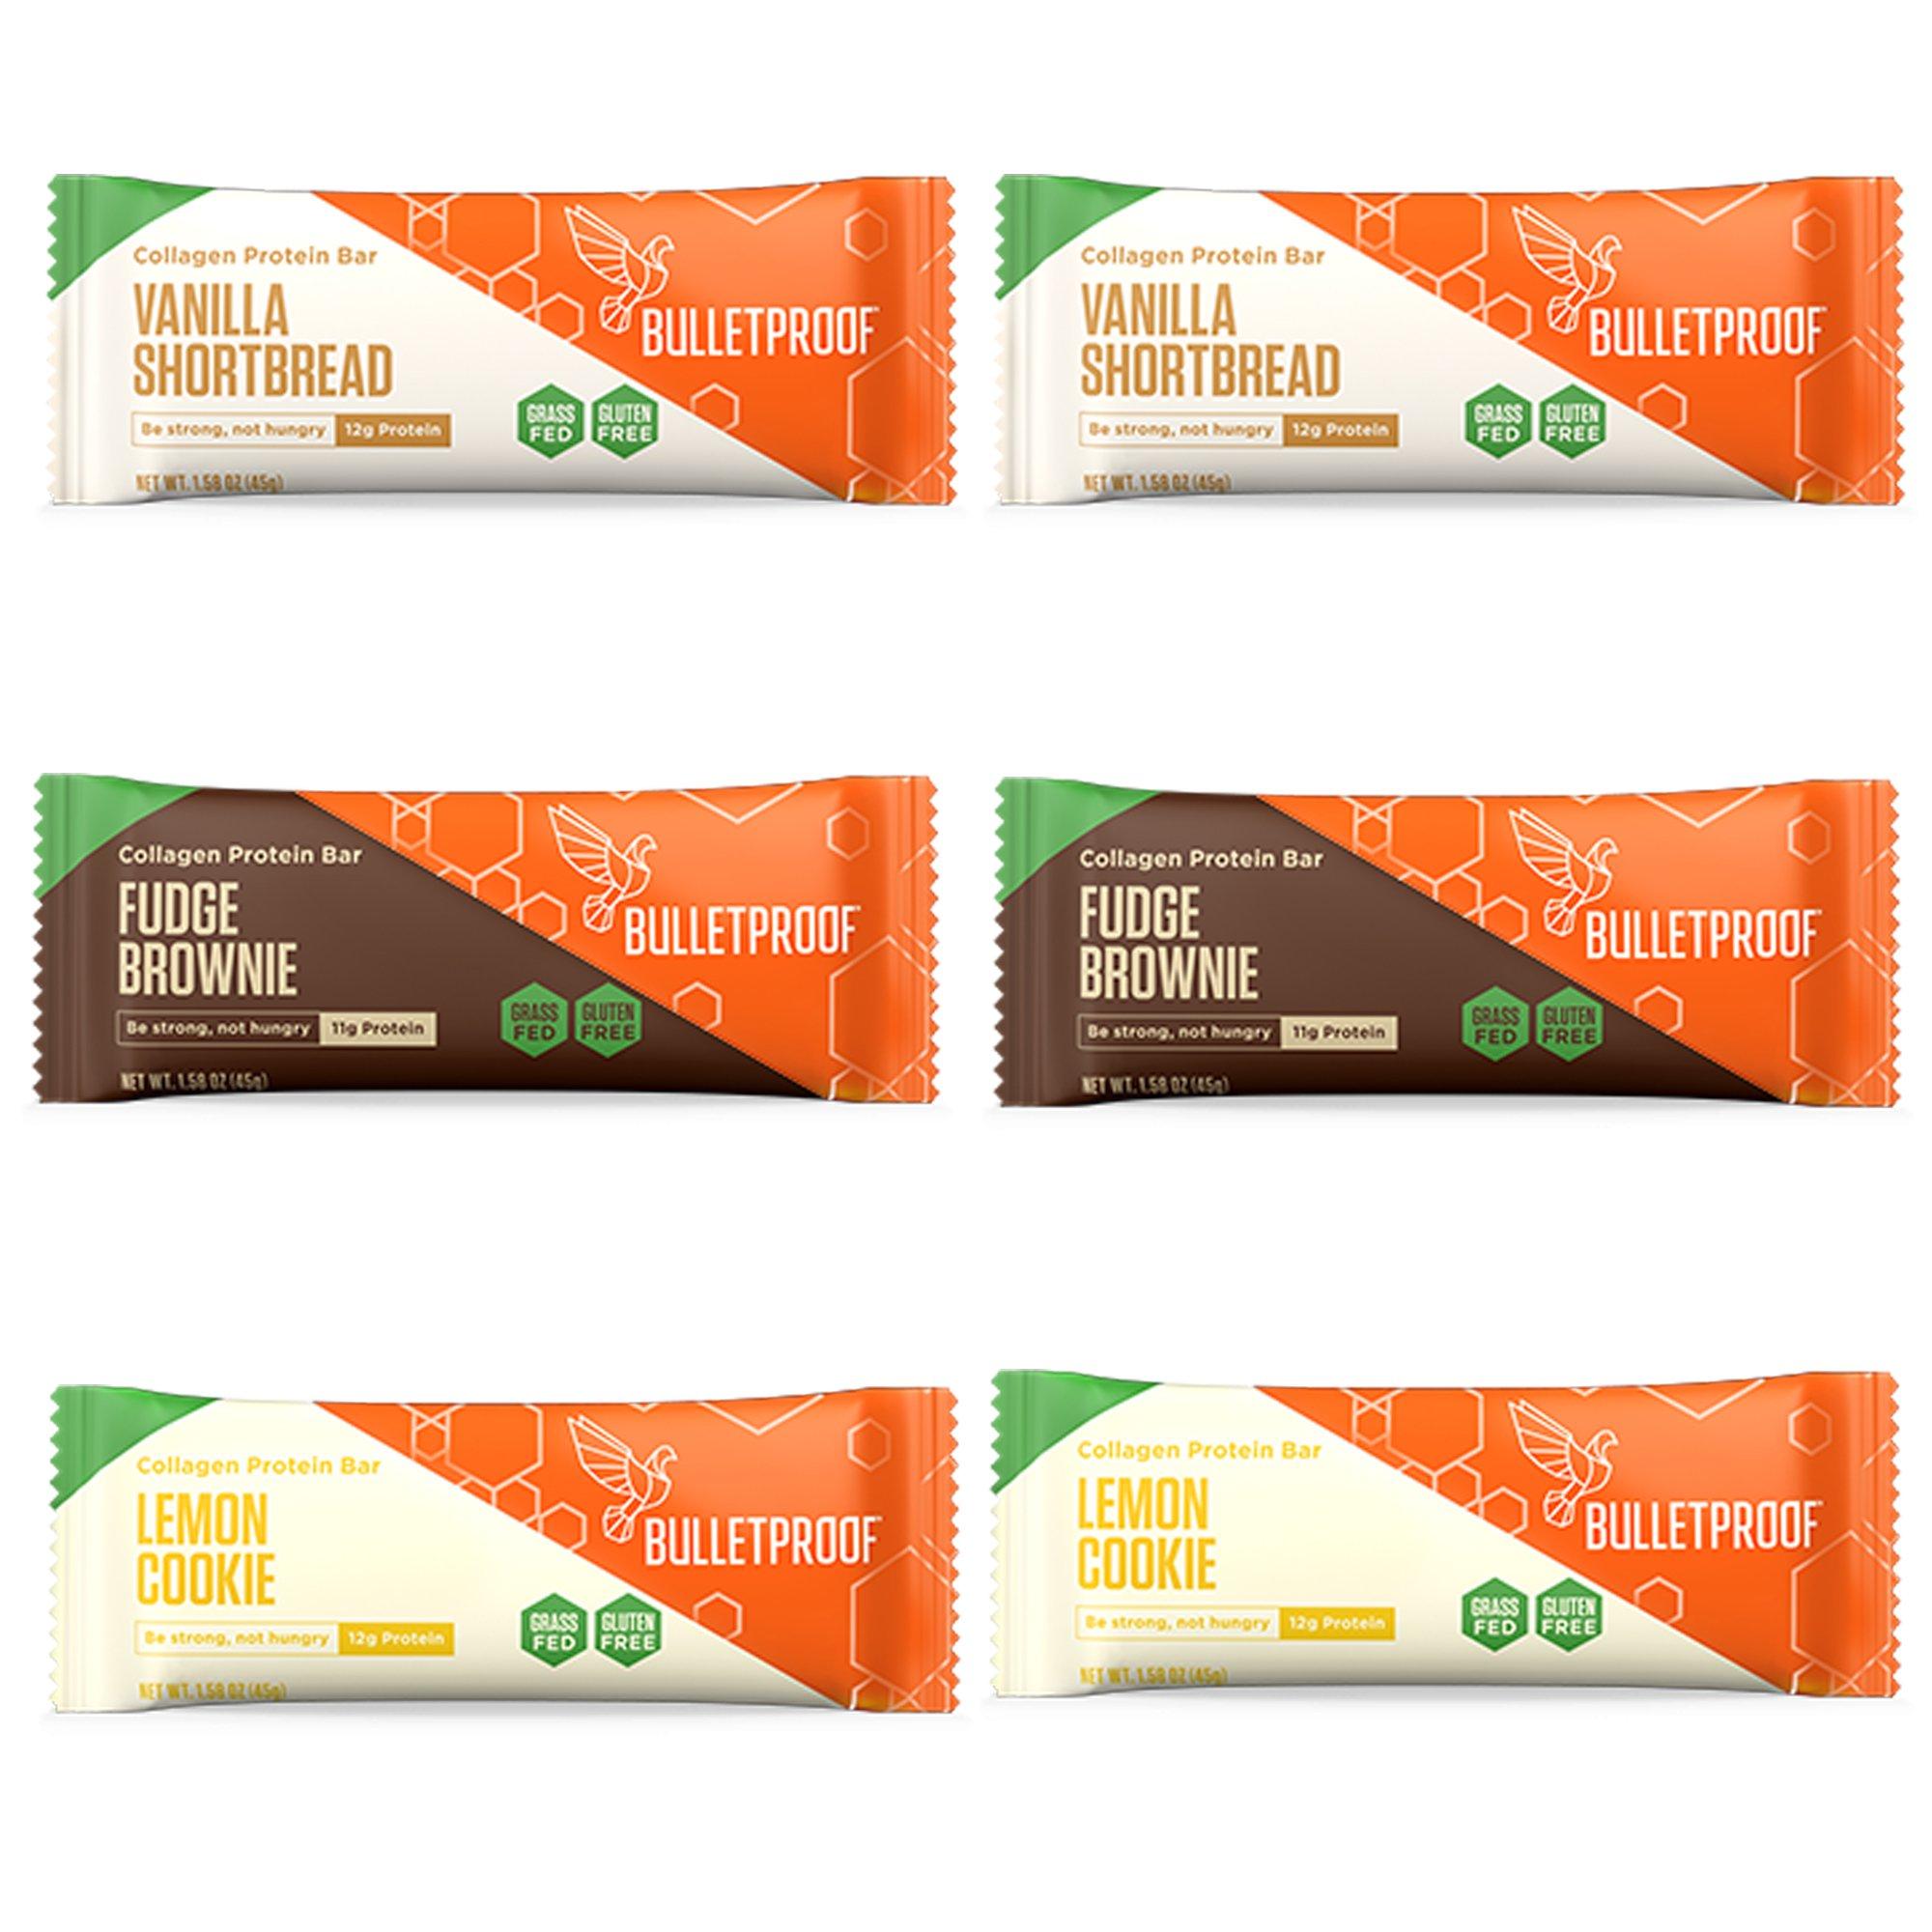 Bulletproof Collagen Protein Bars 6 Pack, Variety, 2 Fudge Brownie, 2 Lemon Cookie, 2 Vanilla Shortbread by Bulletproof